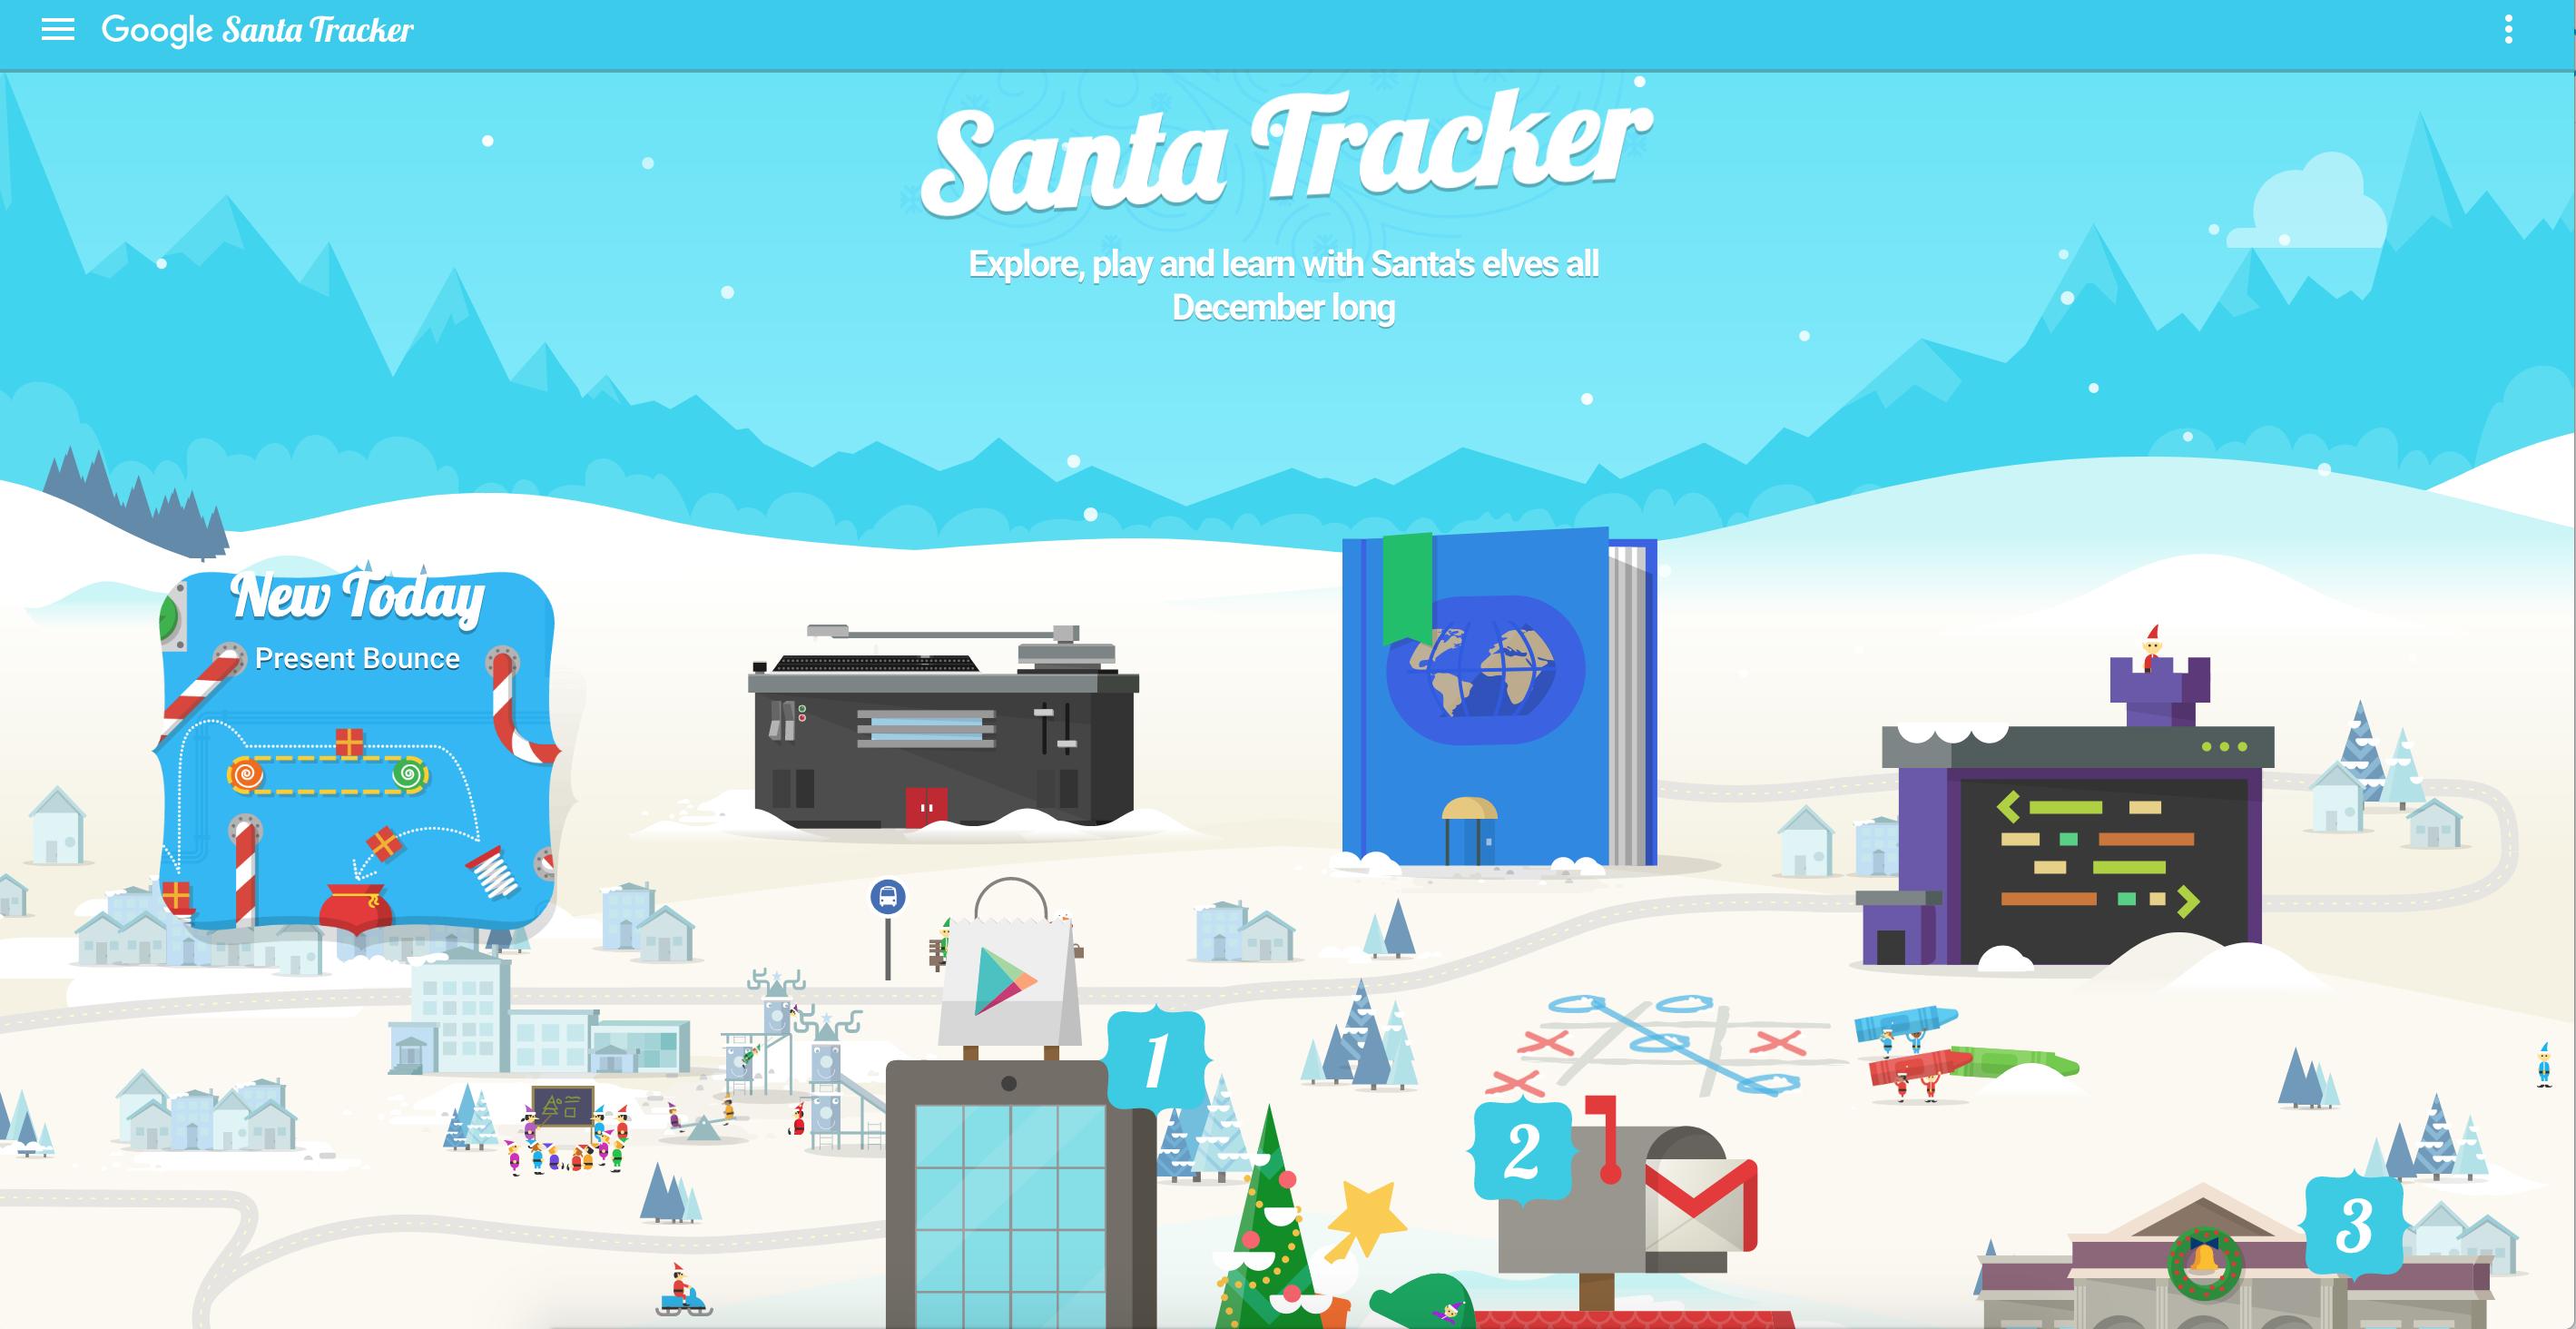 Tema natalino está presente em novo jogo do google